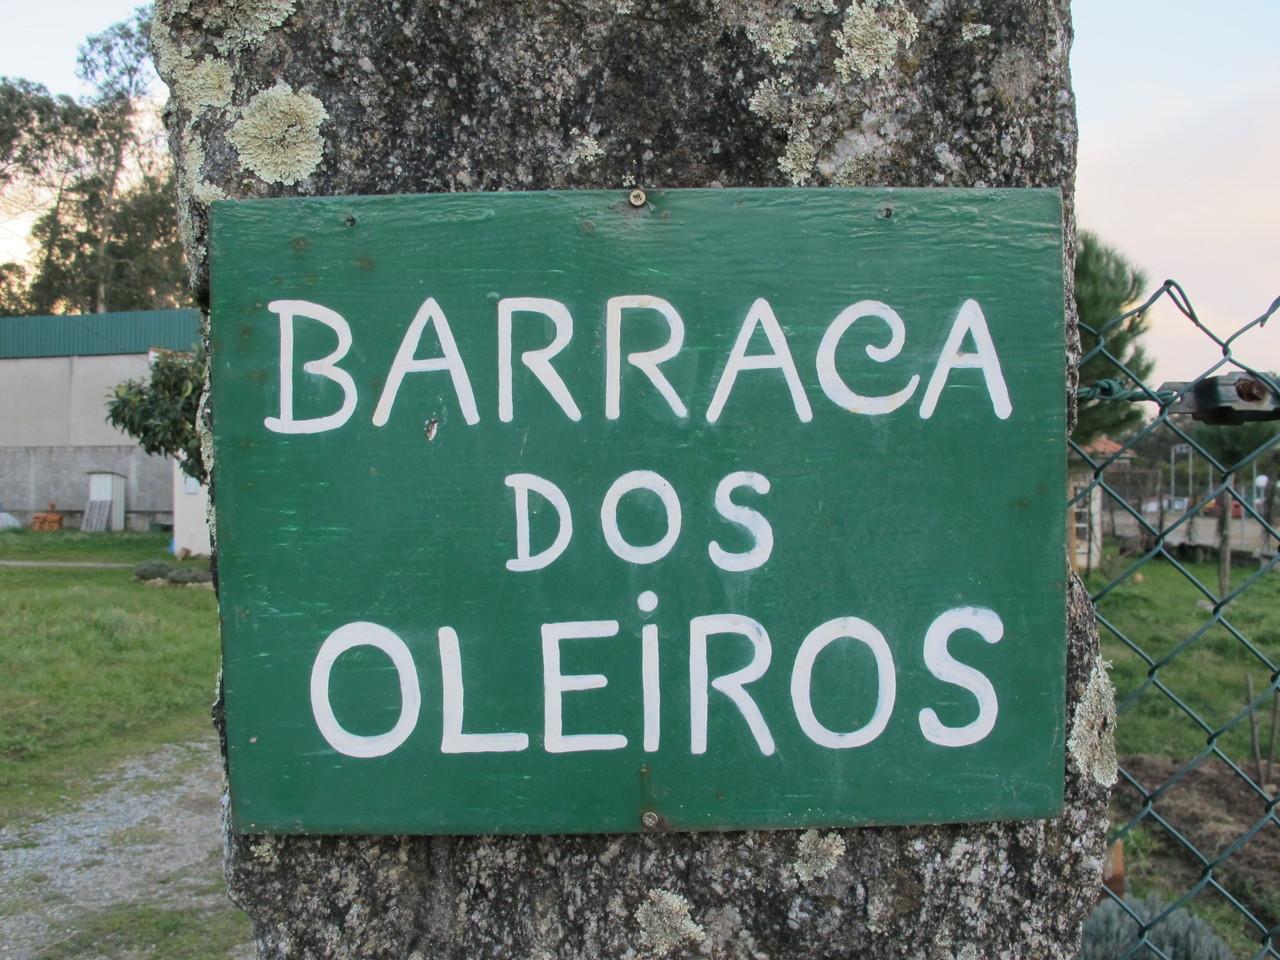 Barraca dos Oleiros